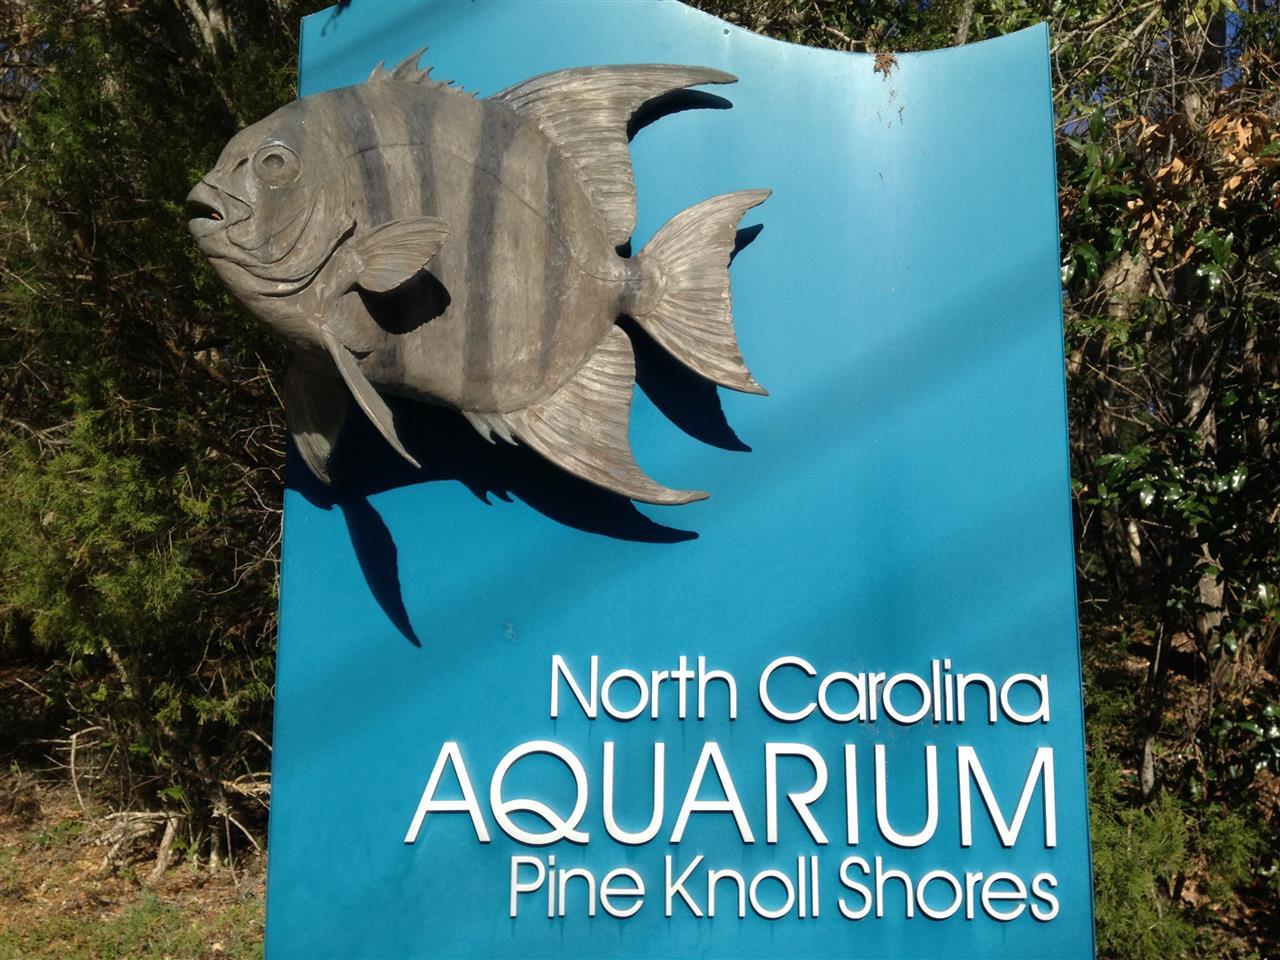 NC Aquarium Sign at Crystal Coast, NC